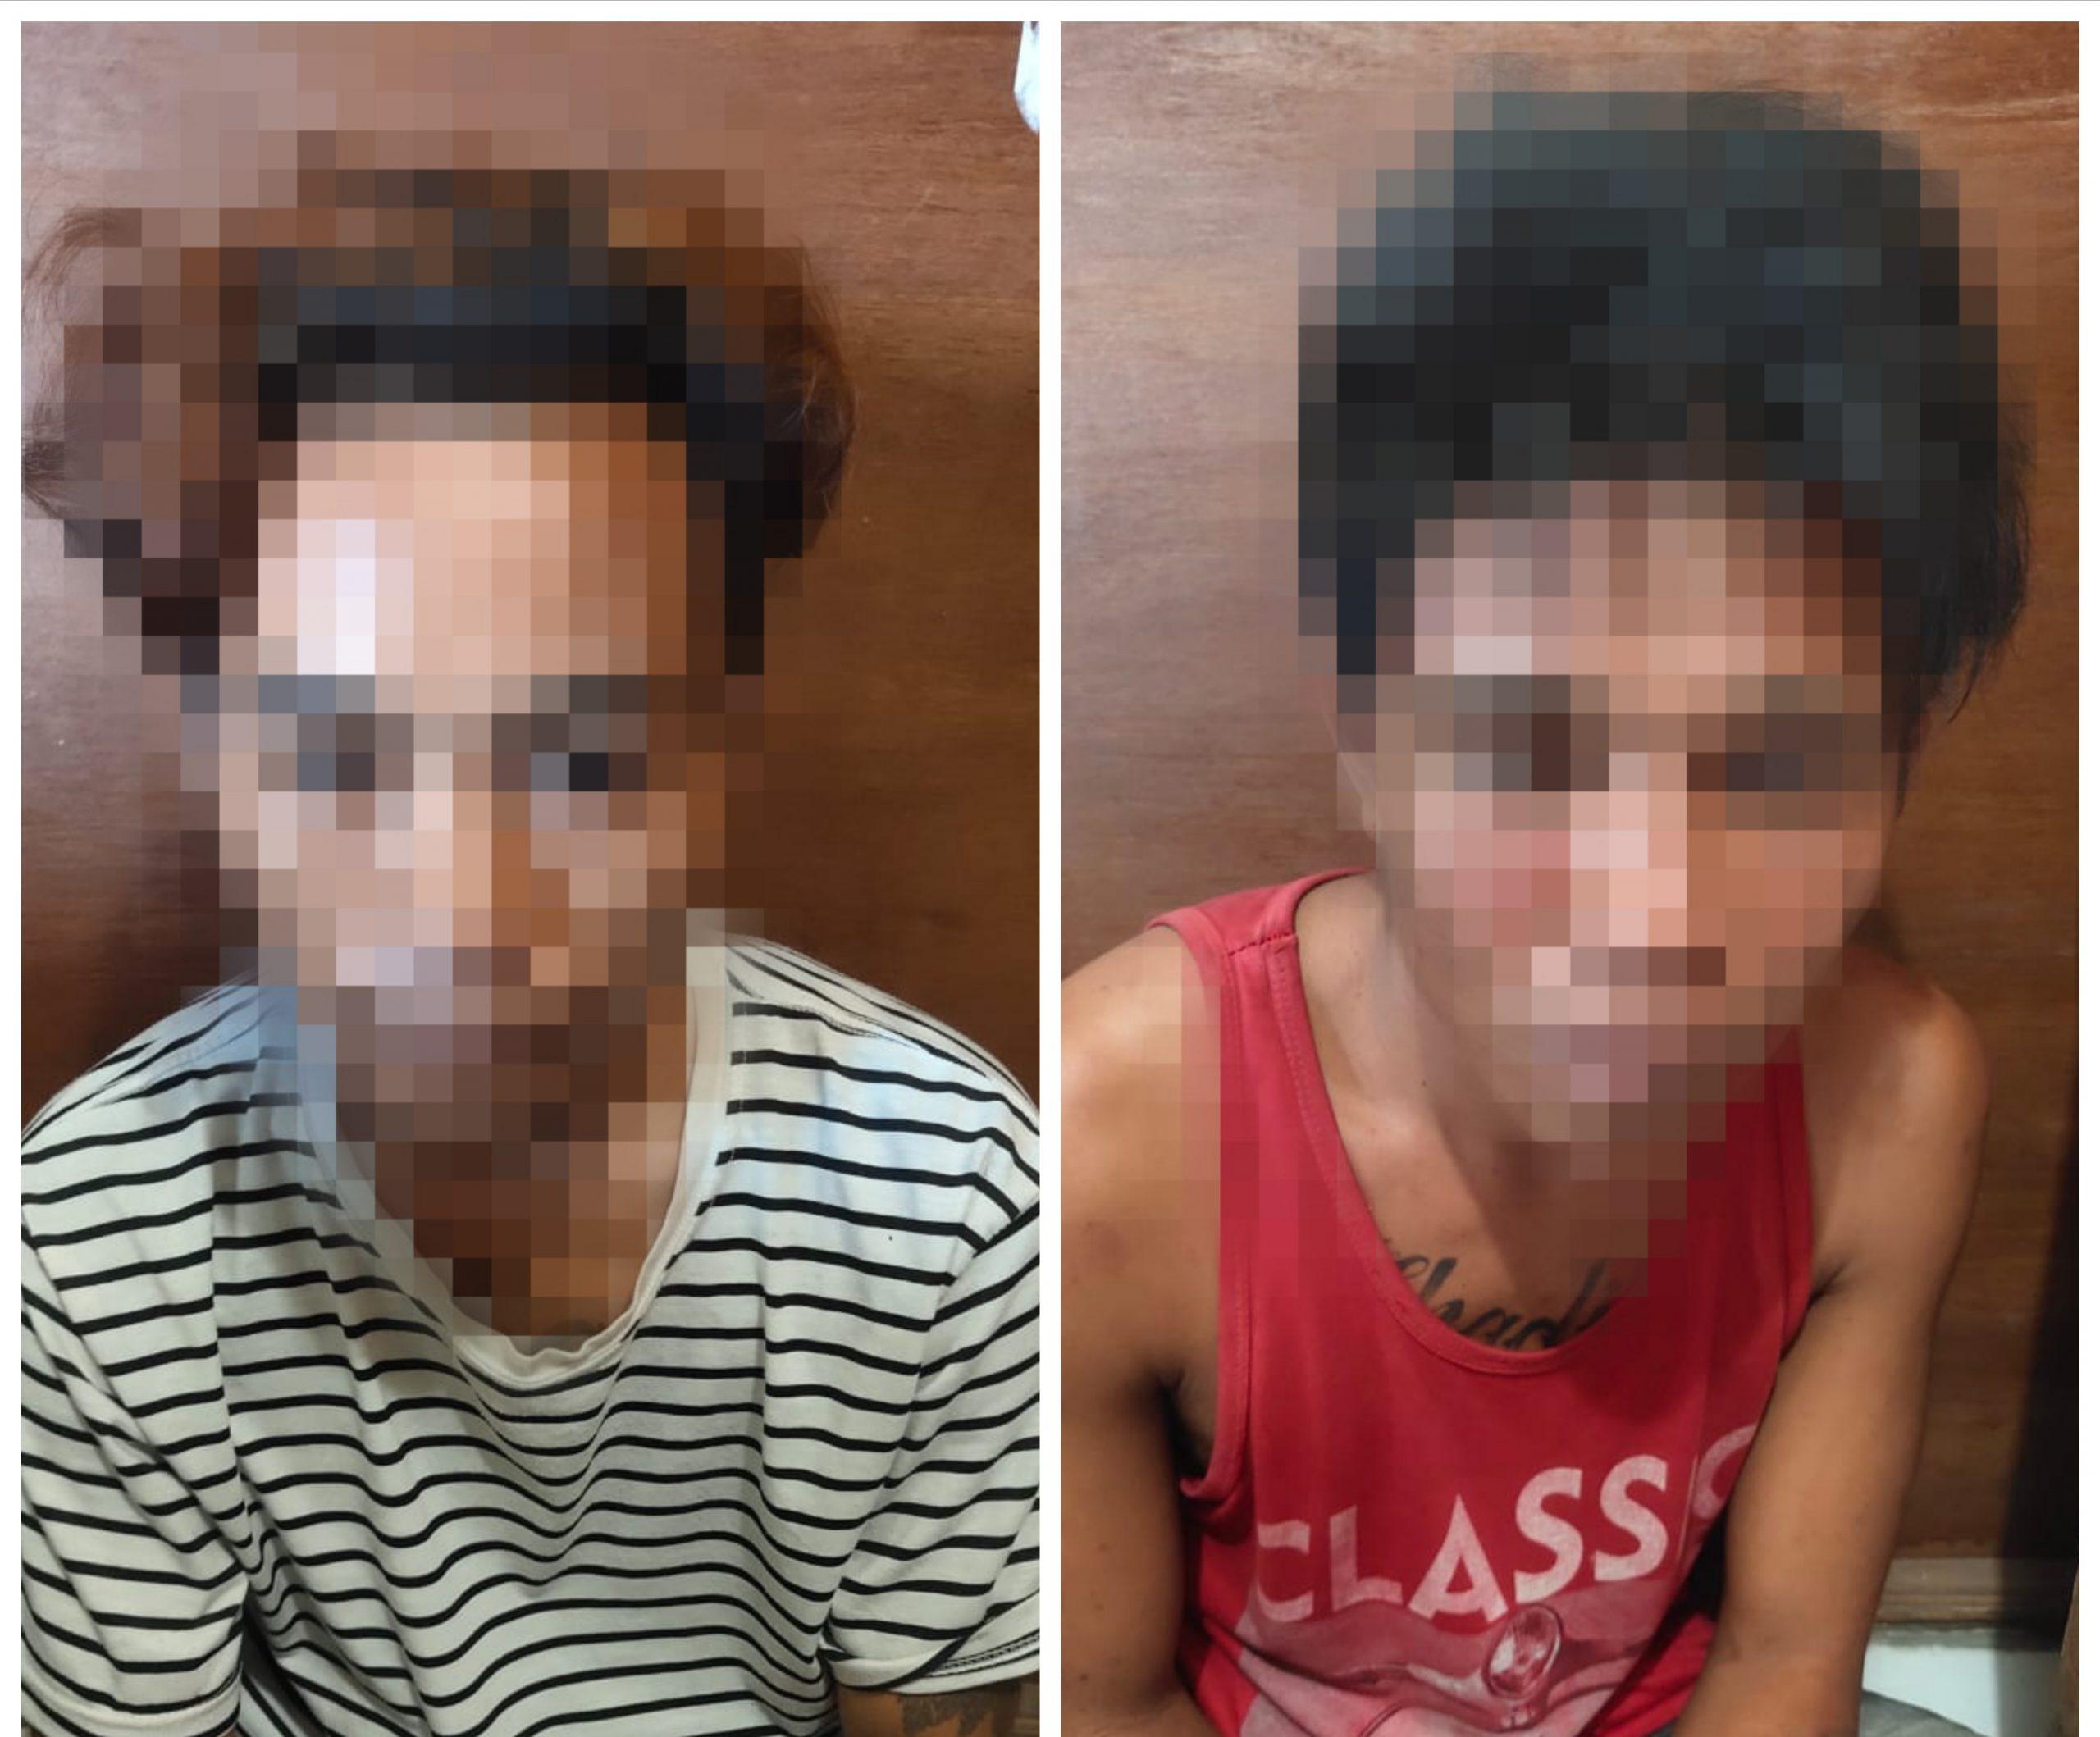 Pelaku Pencurian di Lape dan Unter Iwes Ditangkap, Hasil Curian Dipakai Nyabu